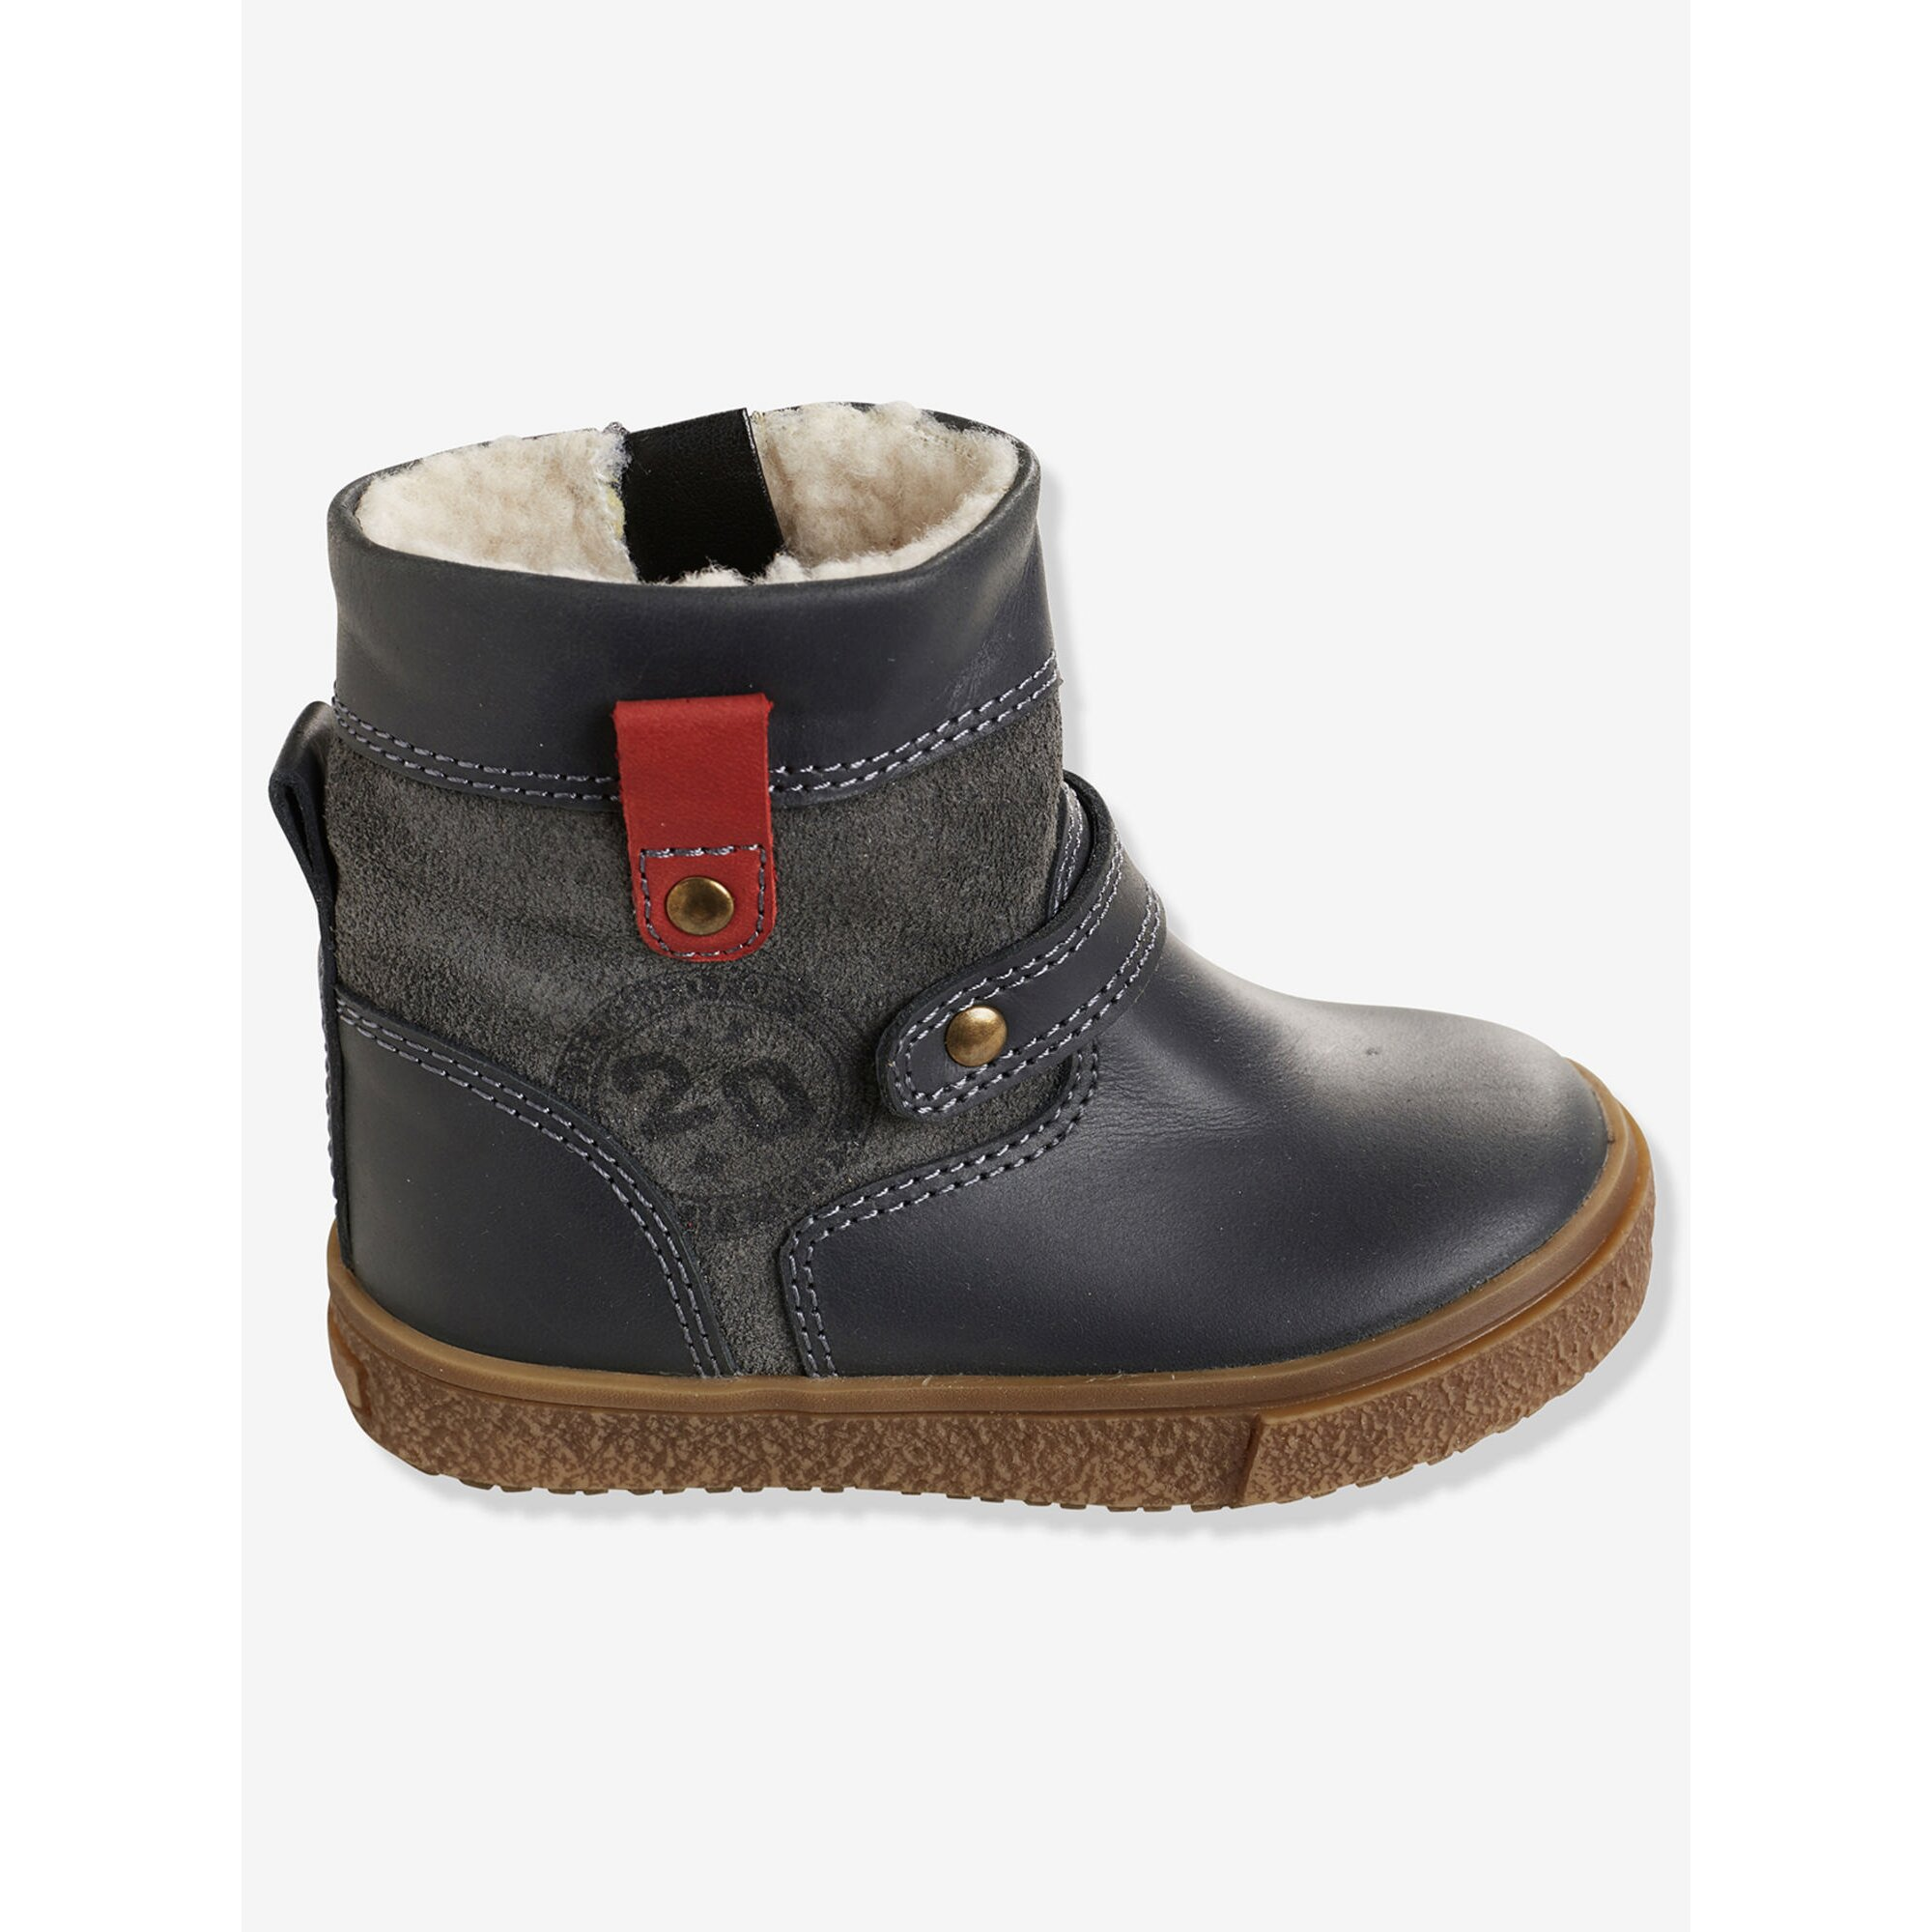 vertbaudet-warmfutter-leder-boots-fur-jungen, 54.99 EUR @ babywalz-de